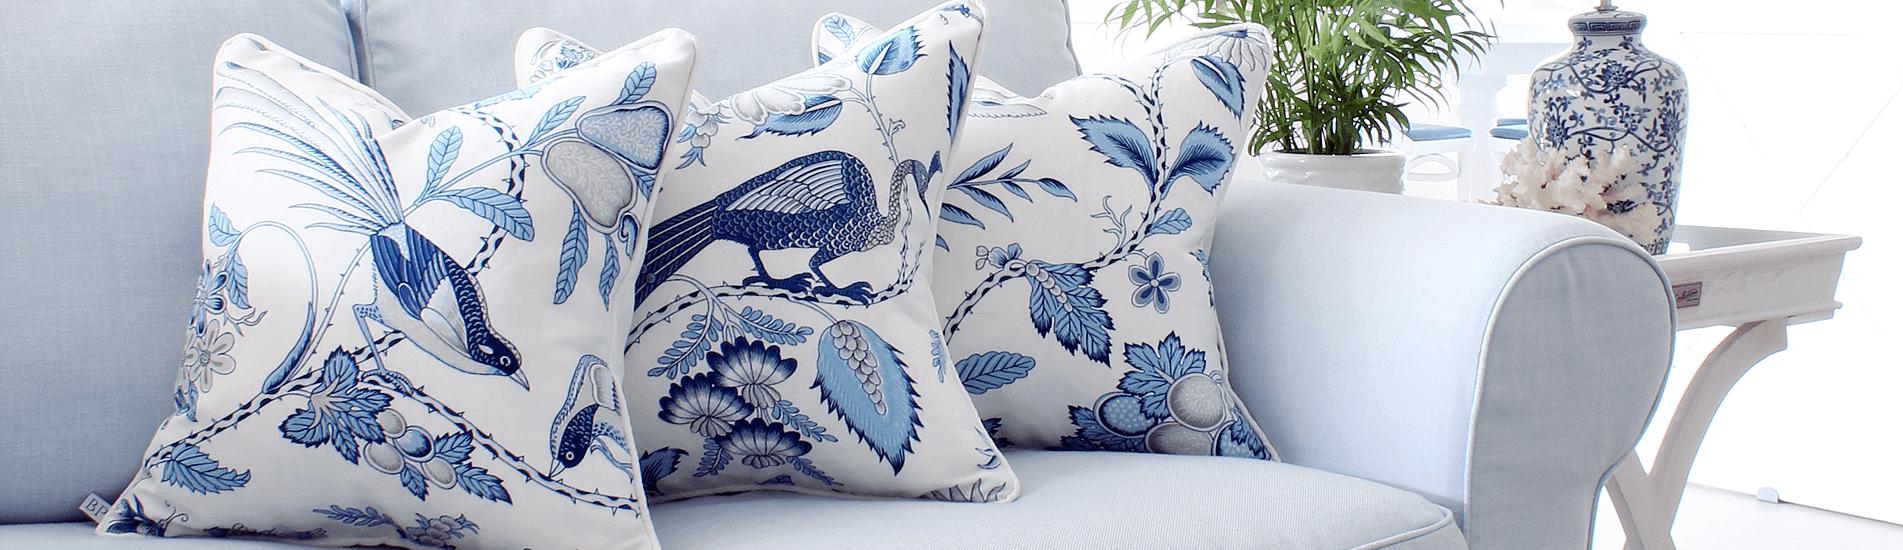 Poduszki dekoracyjne w stylu Hamptons